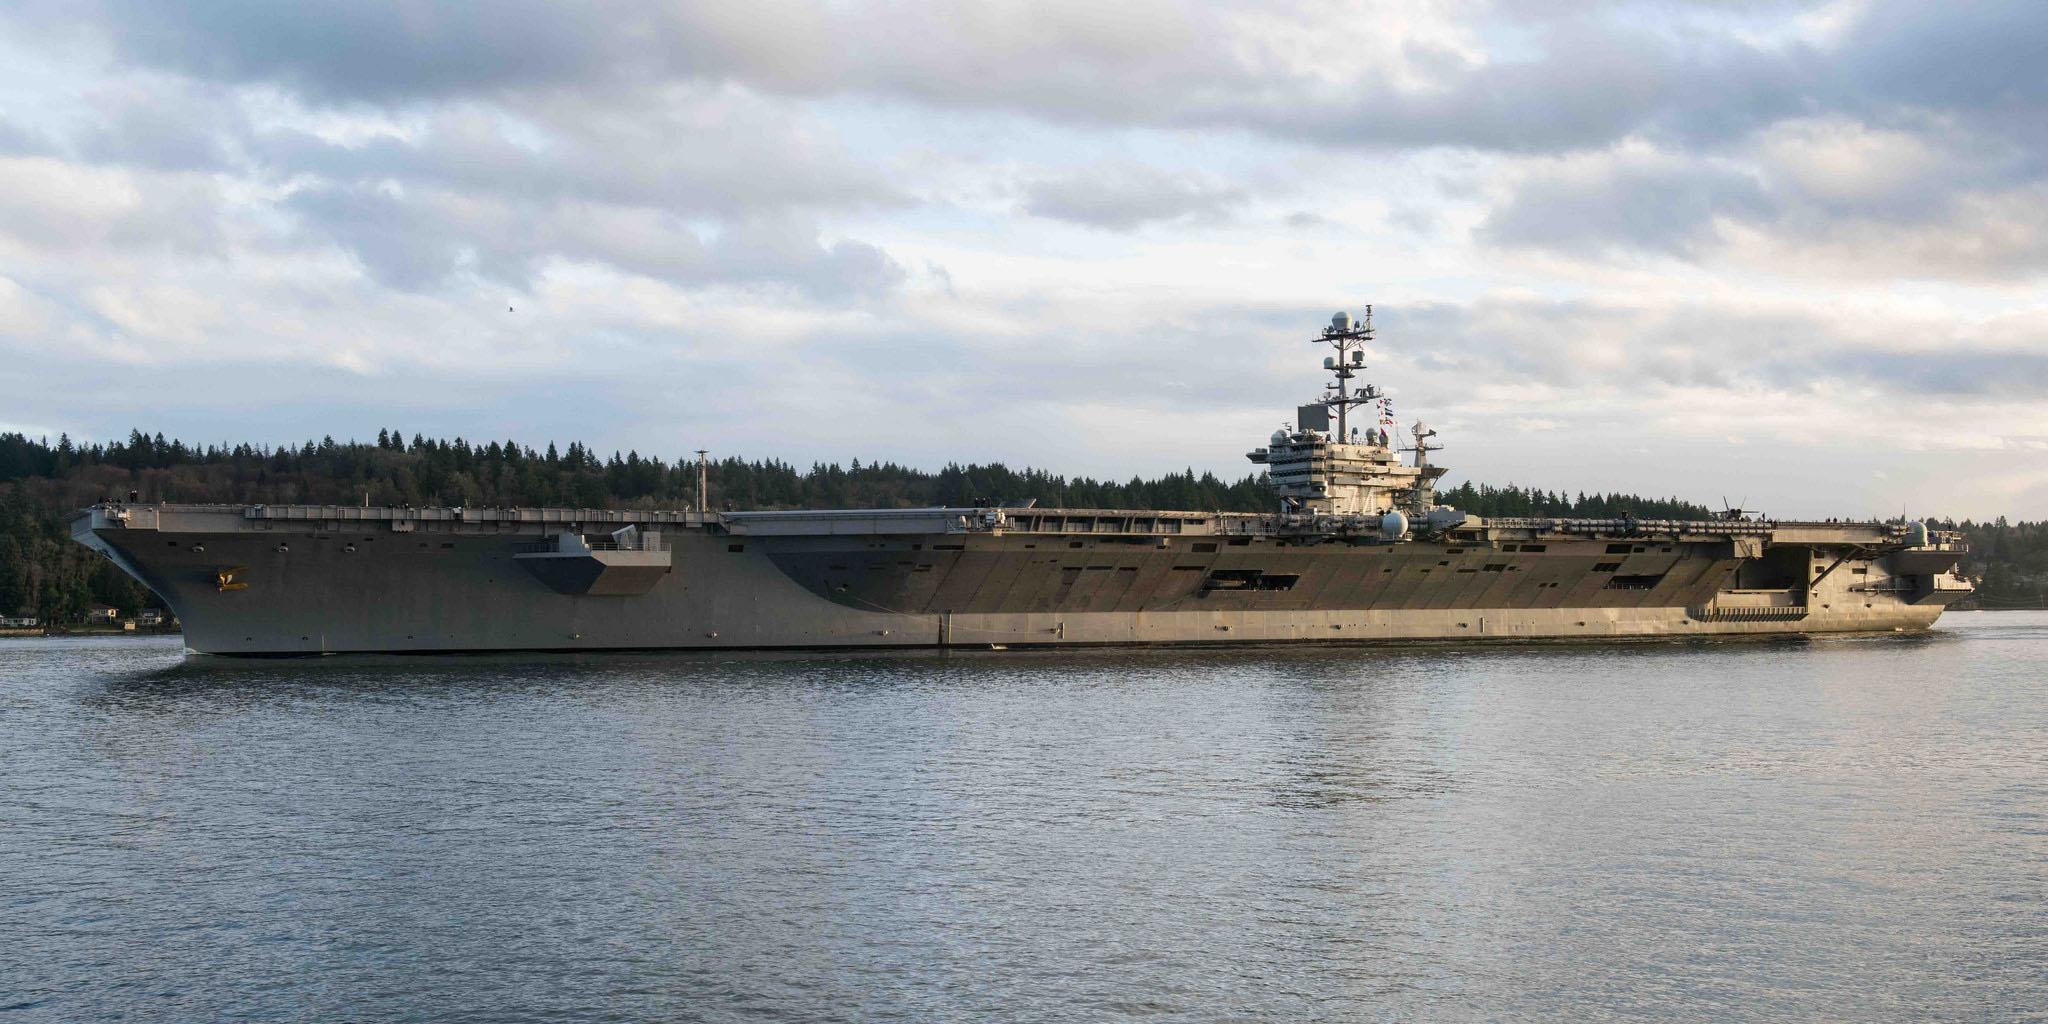 #USSJohnCStennis returns to sea for training - https://t.co/lZ5k8jnnkr #CVN74 #USNavy https://t.co/eMf4UeAq9e